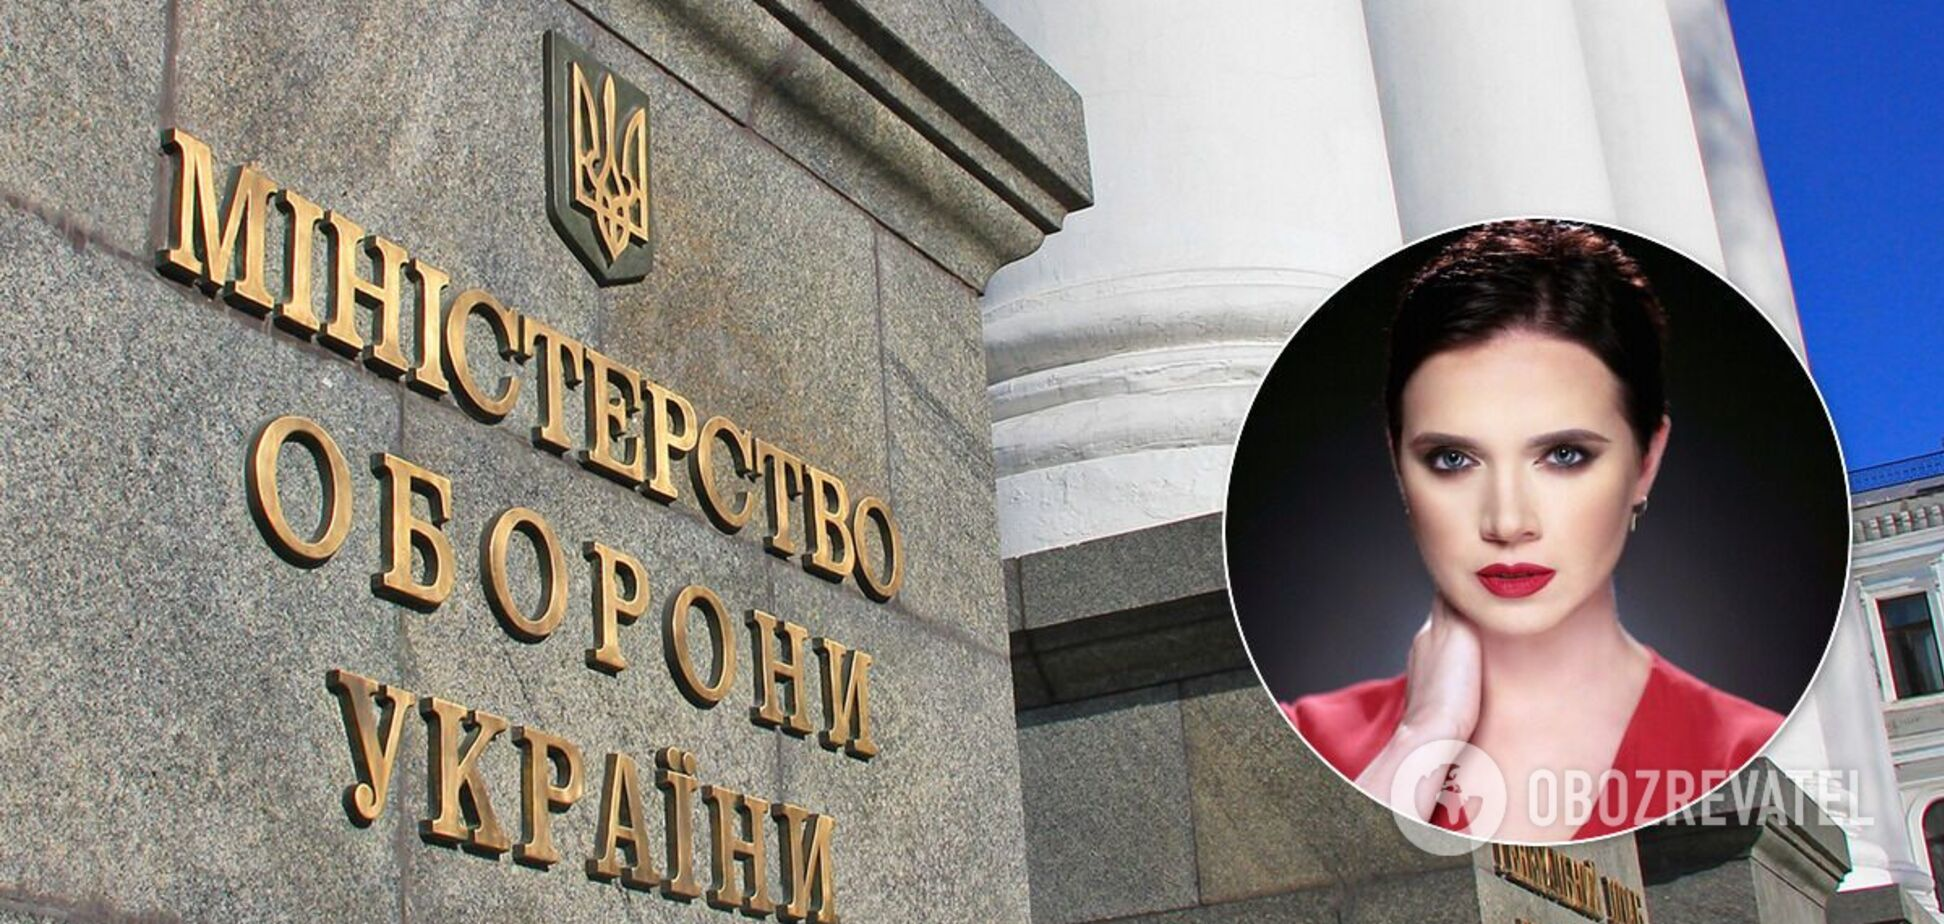 Міноборони підтвердило факт корупції під час перевезення загиблих на Донбасі, озвучений Яніною Соколовою